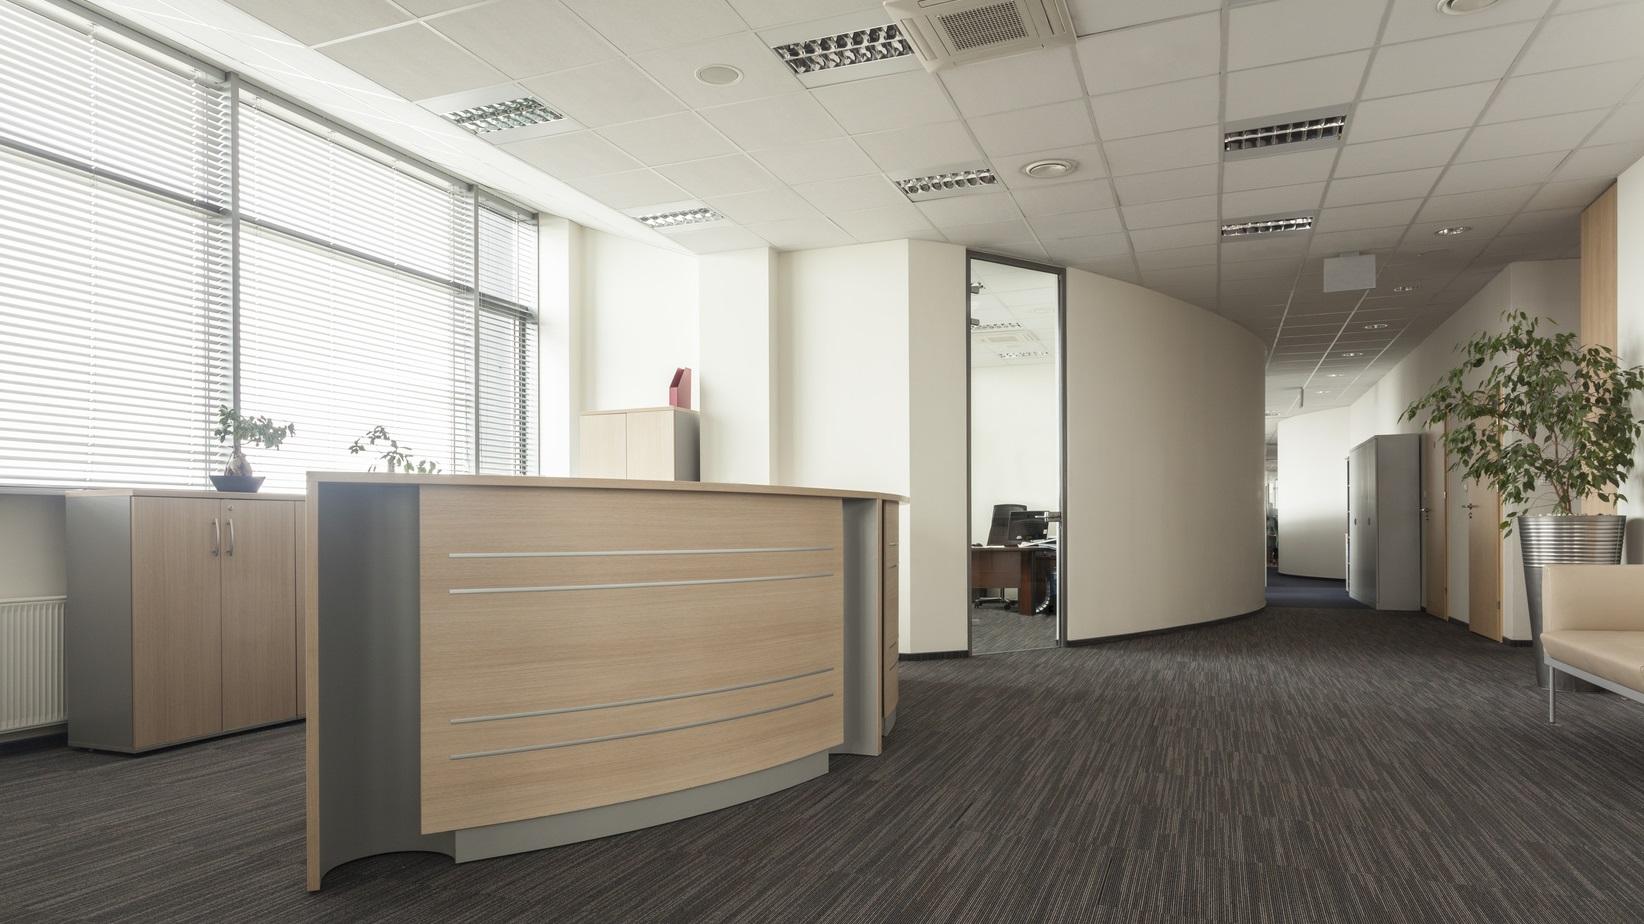 Oficinas presupuesto de limpieza madrid for Oficinas envialia madrid